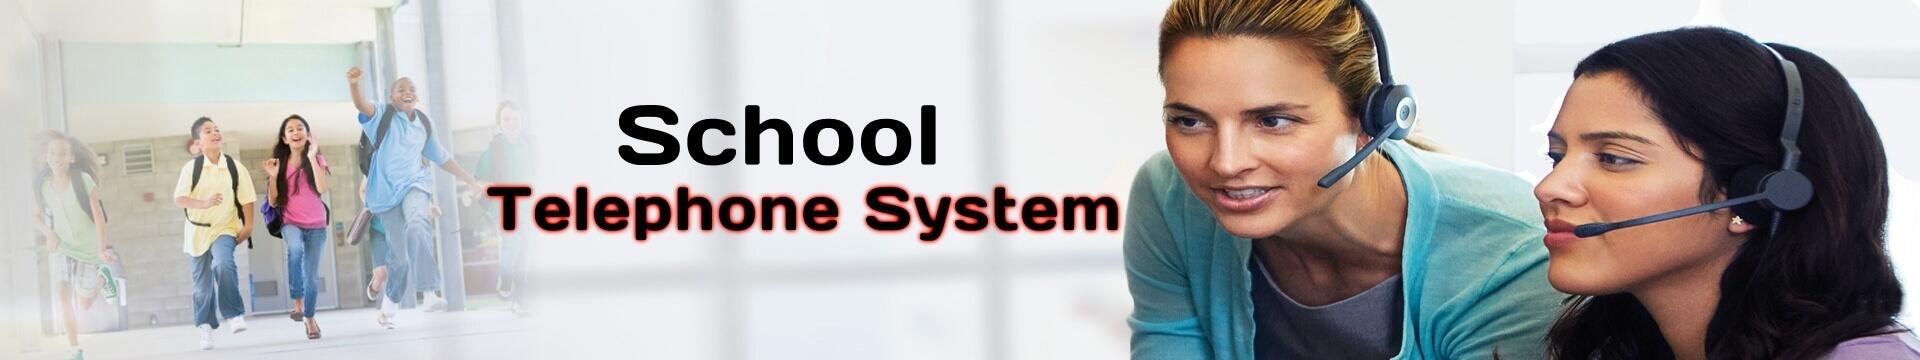 School Telephone System Uganda